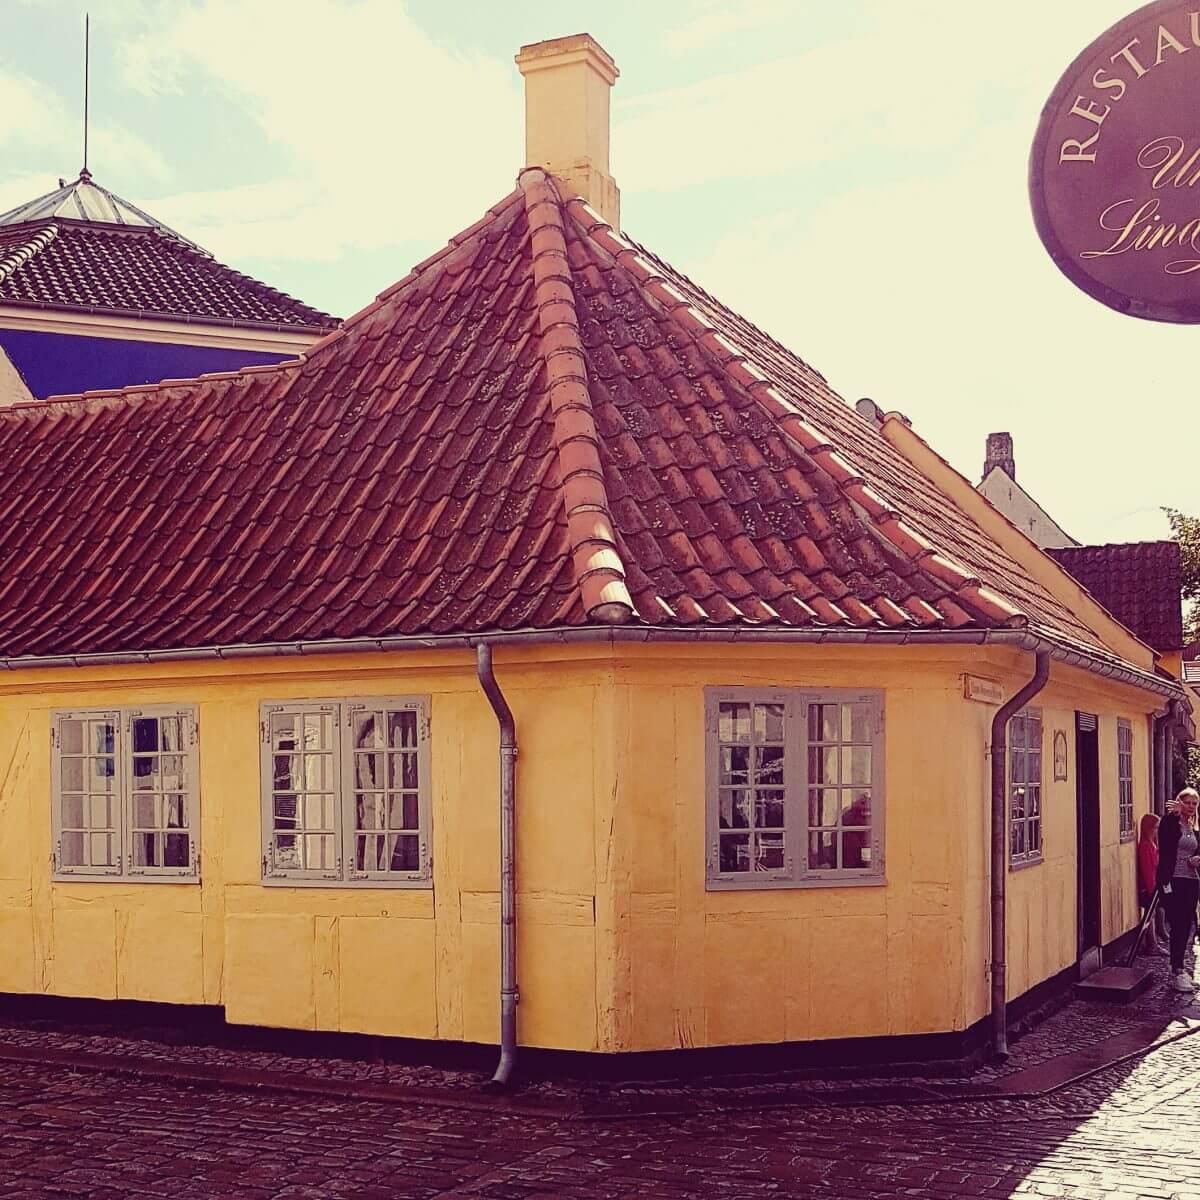 Vakantie met kids: sprookjesachtig Funen in Denemarken - moderne stad Odense met historie van Hans Andersen - H.C. Andersen Hus